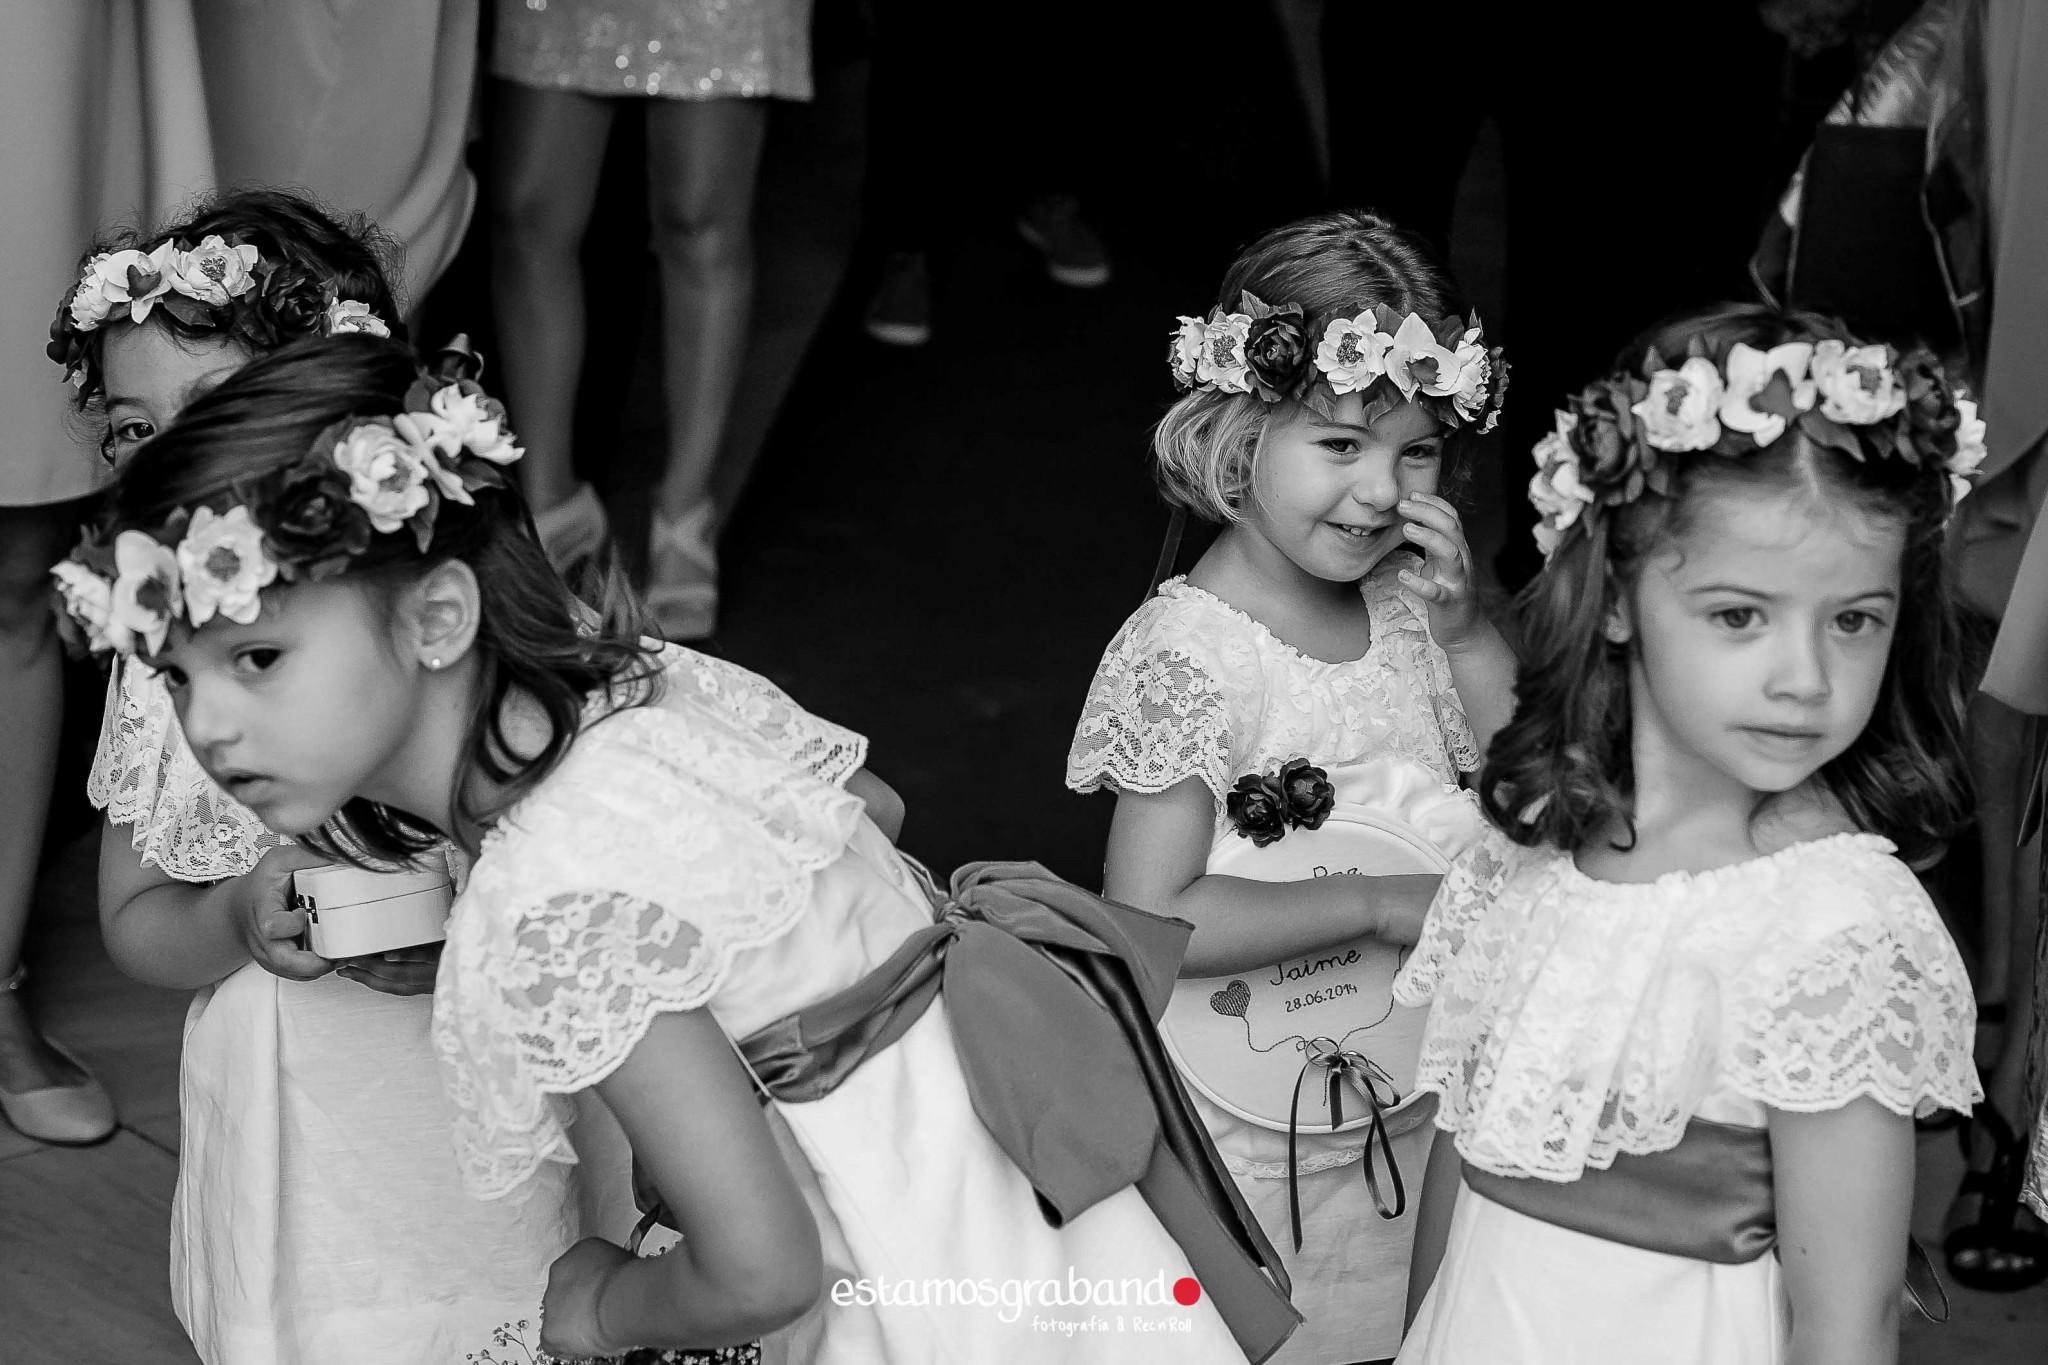 fotografo-de-bodas-jerez_mari-paz-jaime_bodegas-tradiciocc81n-25 32 escalones [Fotografía de bodas Jerez_Mari Paz & Jaime] - video boda cadiz